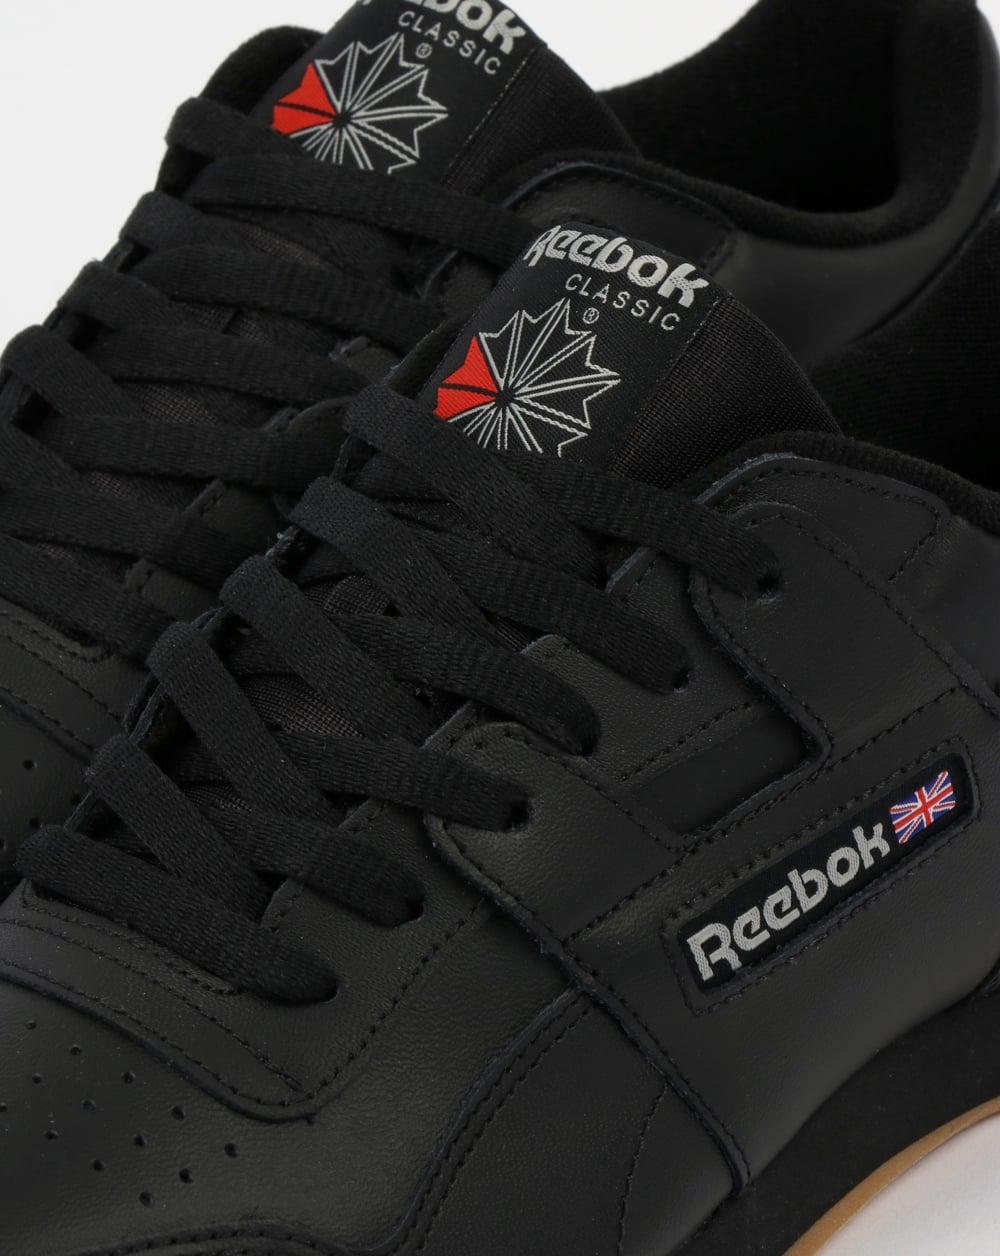 6e382d65757 Reebok Workout Plus Trainers Black Carbon Gum